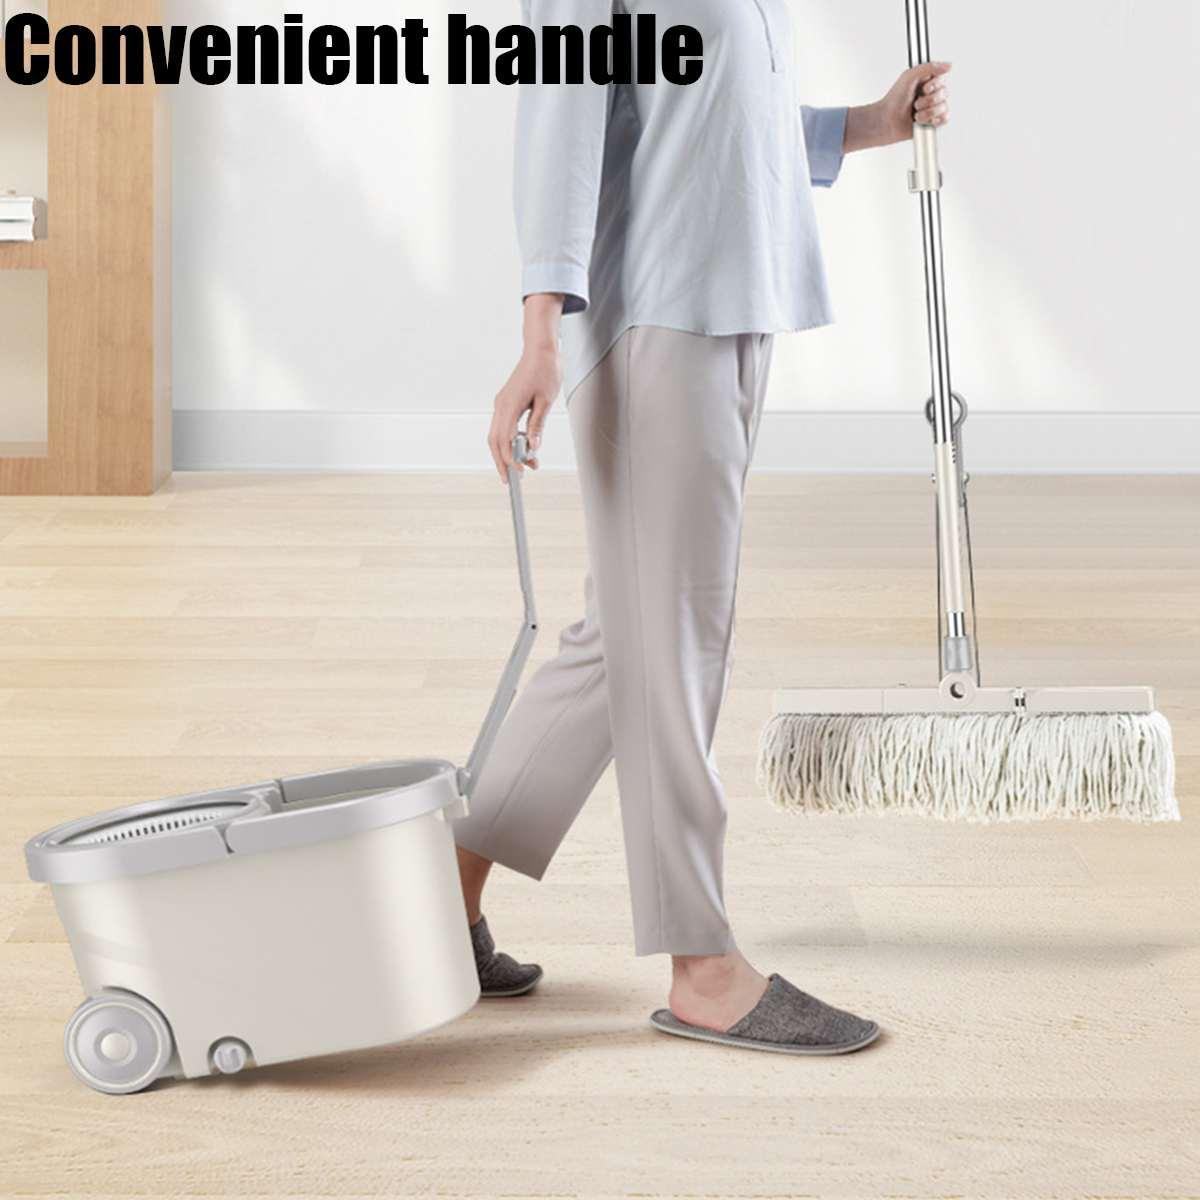 Pavimento Moquette Cleaner Rondella di Pulizia A Vapore Ad alta Pressione Macchina 13in1 AU220V 1.5L4.0 1800W Bar 360 Ruota per il Bagno Pulito auto - 6